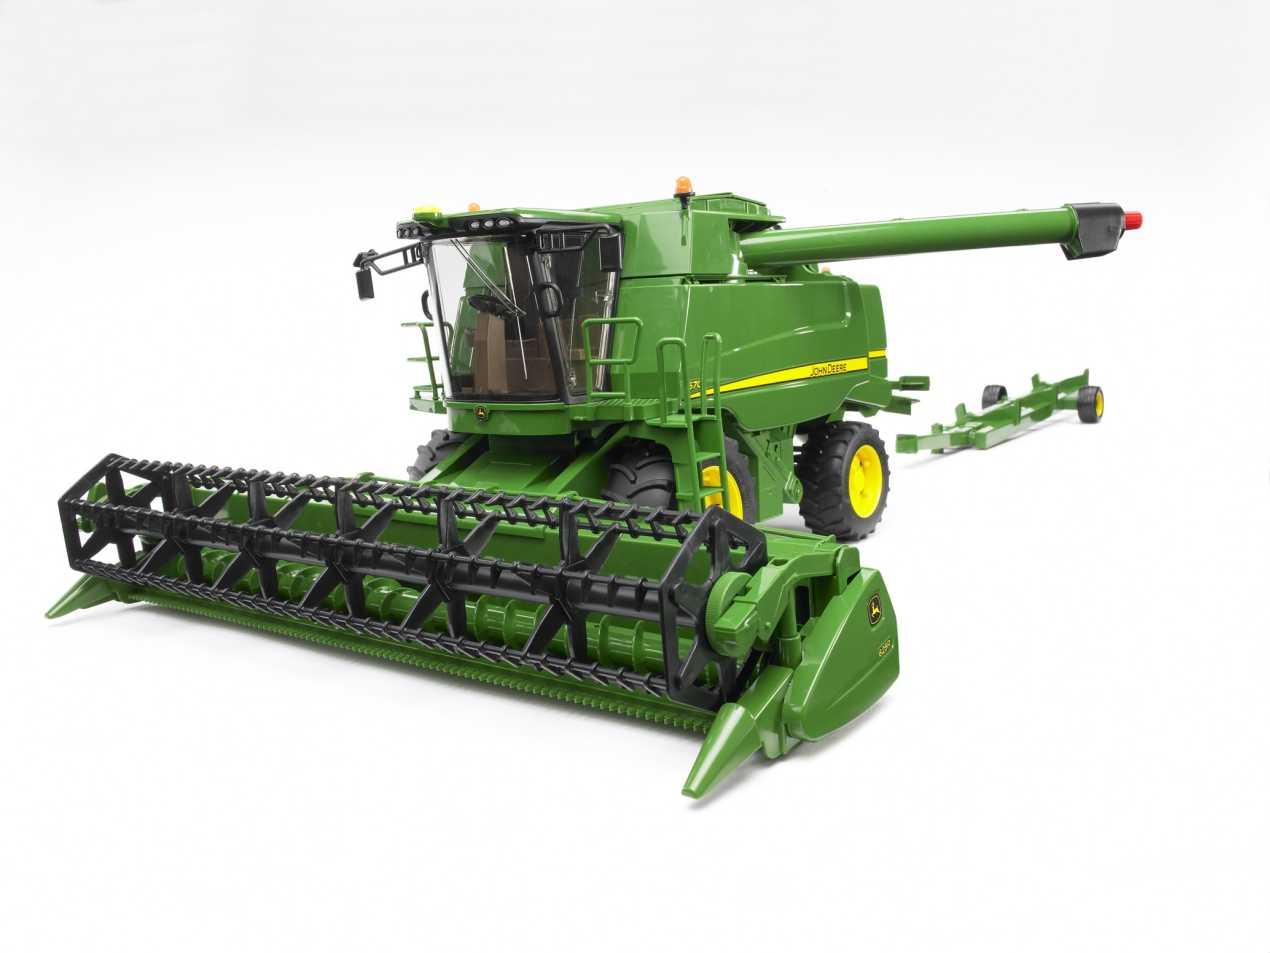 . PlusPng.com John Deere Combine Harvester T670i - view 3 - John Deere Combine PNG